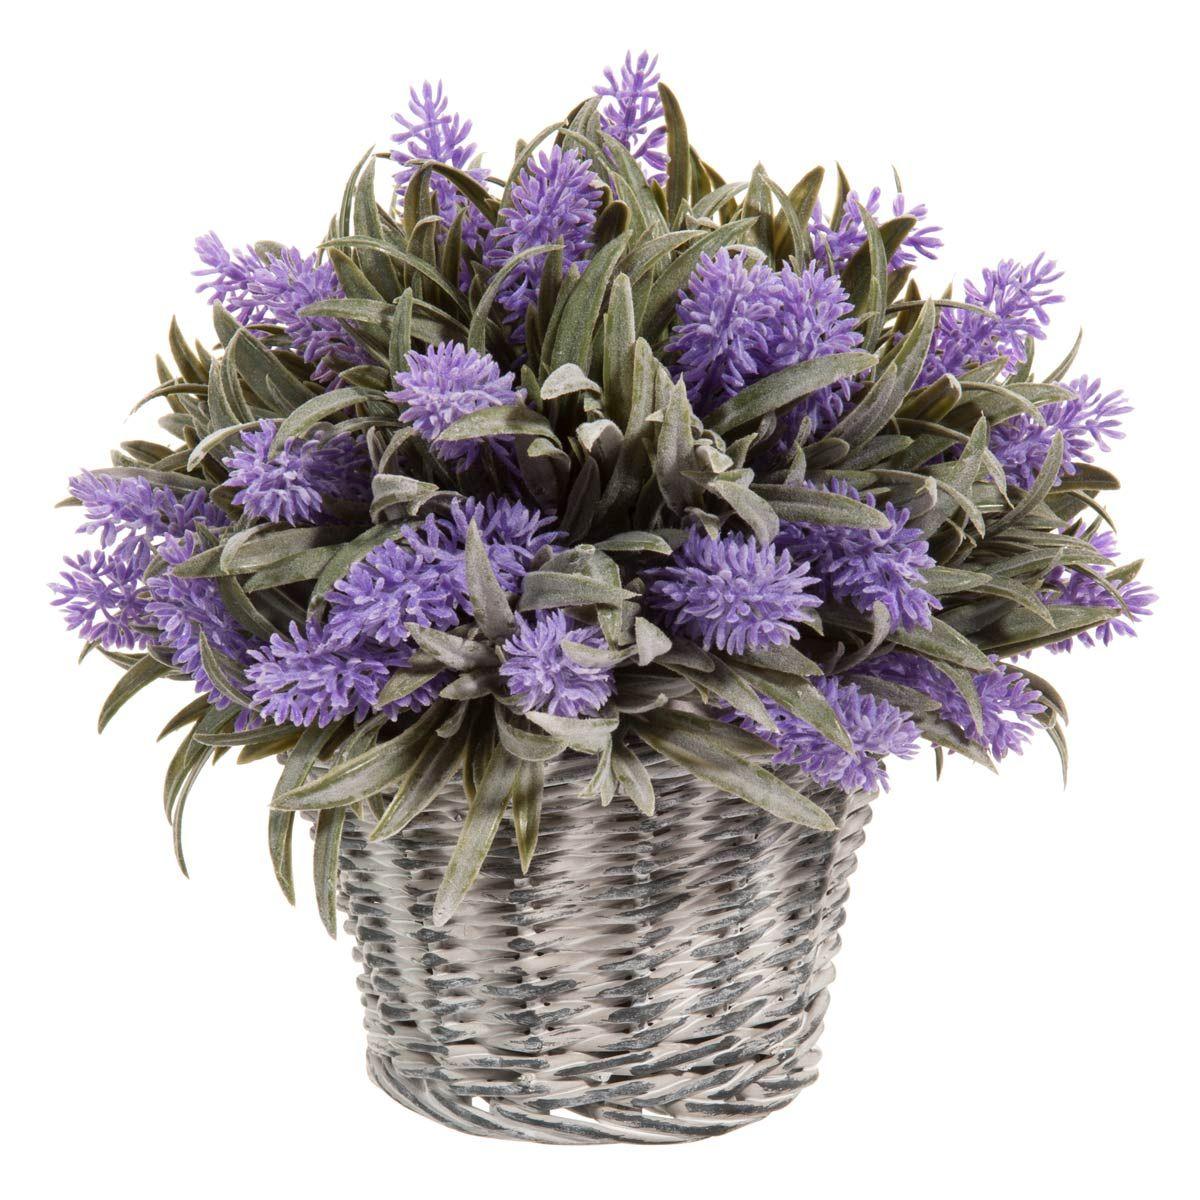 Artificial lavender basket   Maisons du Monde